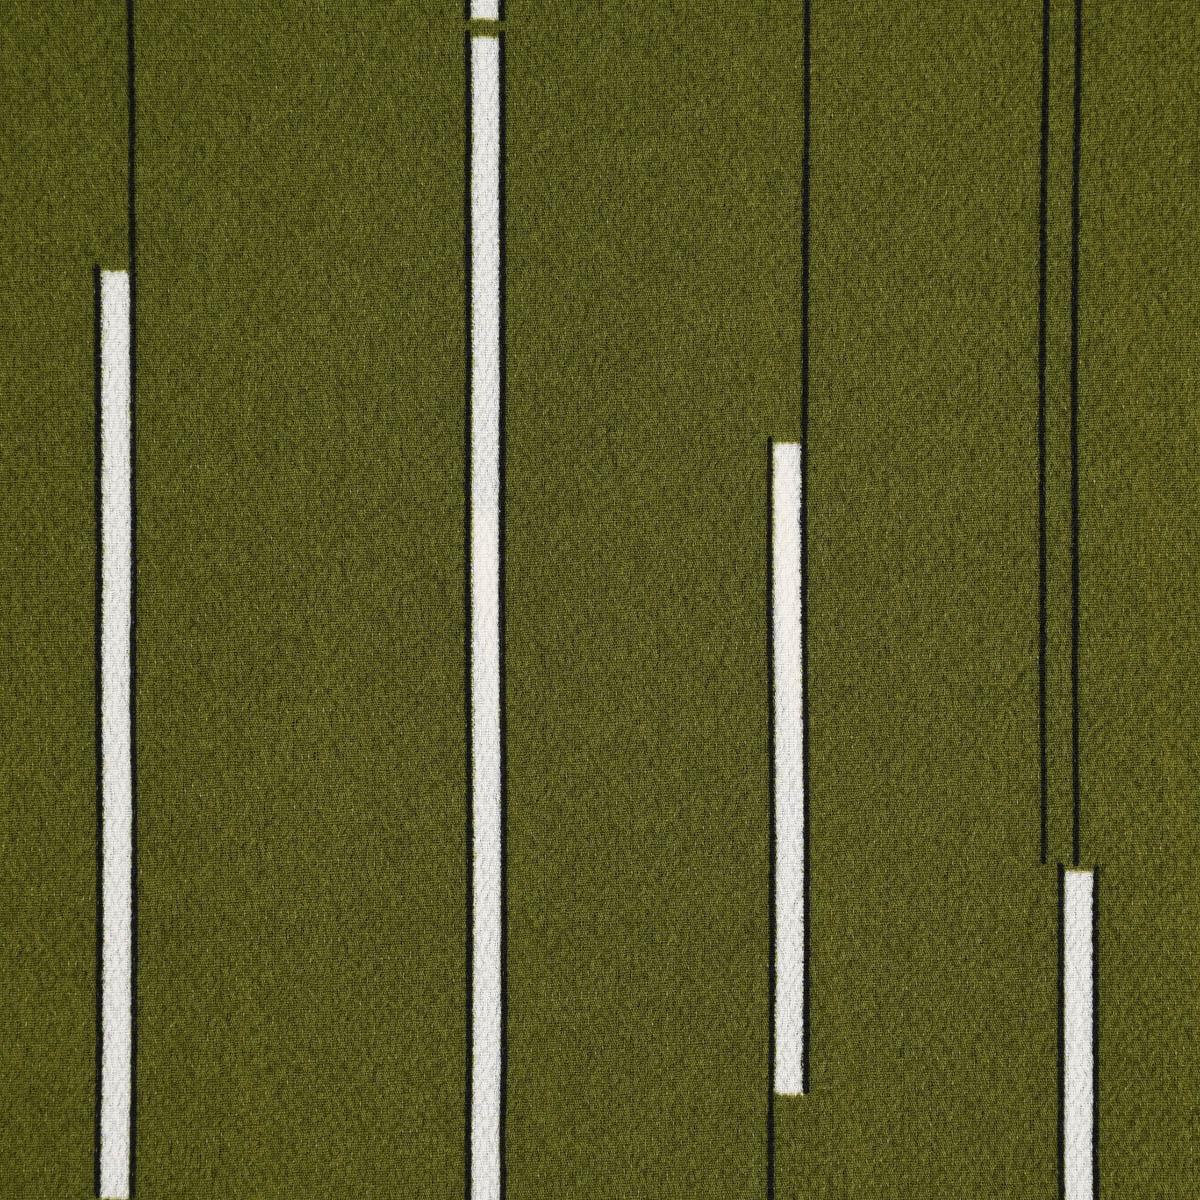 Bekleidungsstoff Chiffon Streifen khaki grün weiß schwarz 1,45m Breite